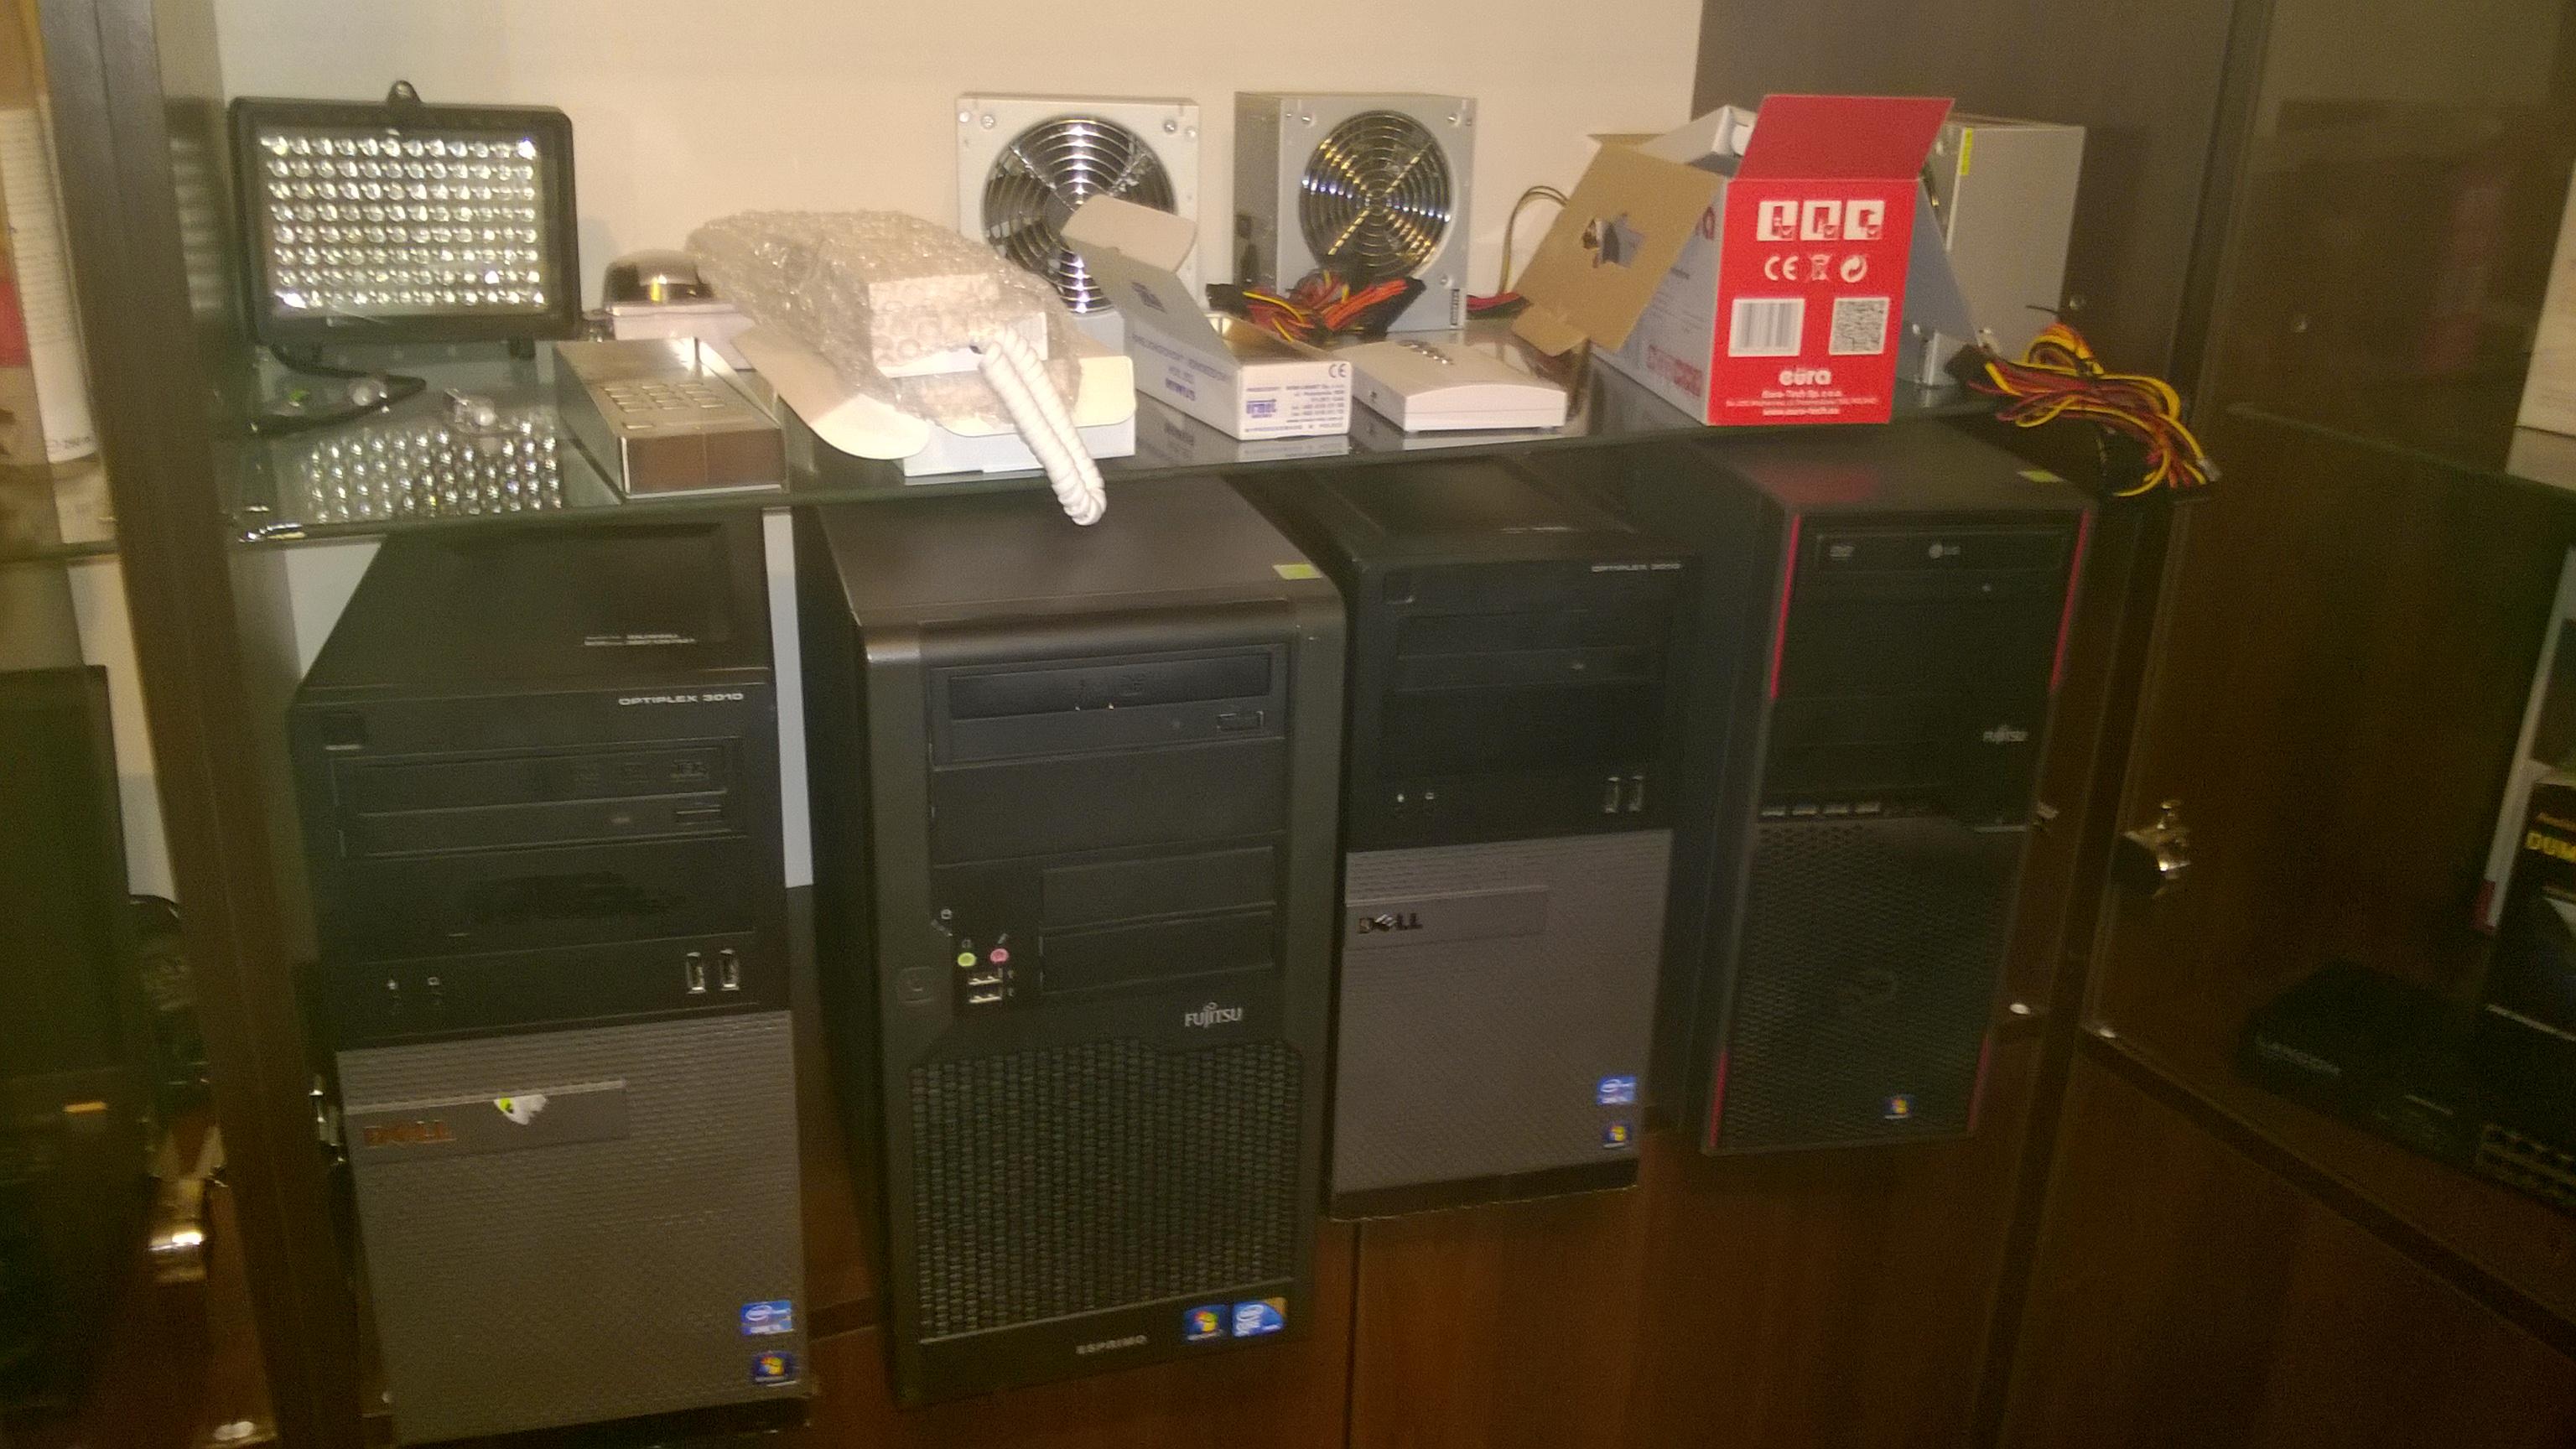 nowa-dostawa-komputerow-i-laptopow-firmowych-dell-fujitsu-oraz-ibm-hp-1